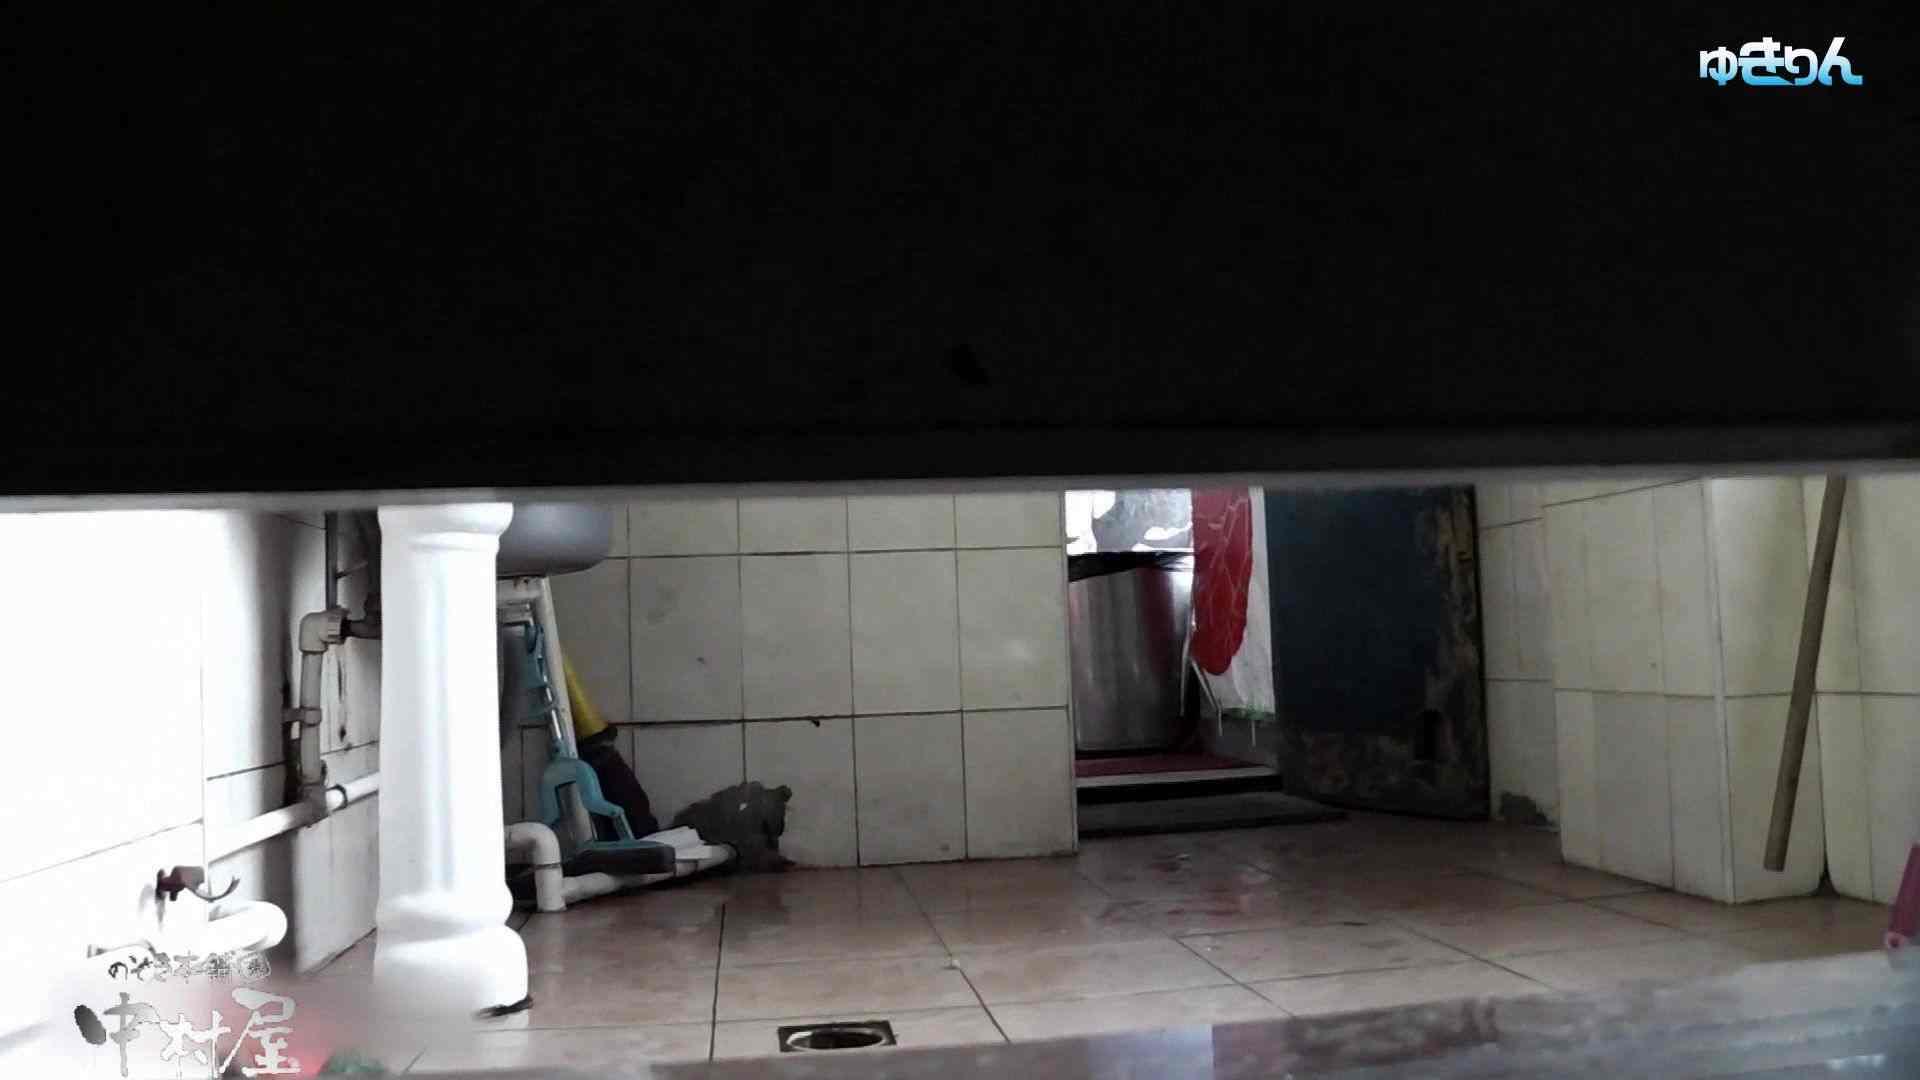 世界の射窓から~ステーション編~vol63 ハイヒール花柄に注目 前編 OL  43pic 40